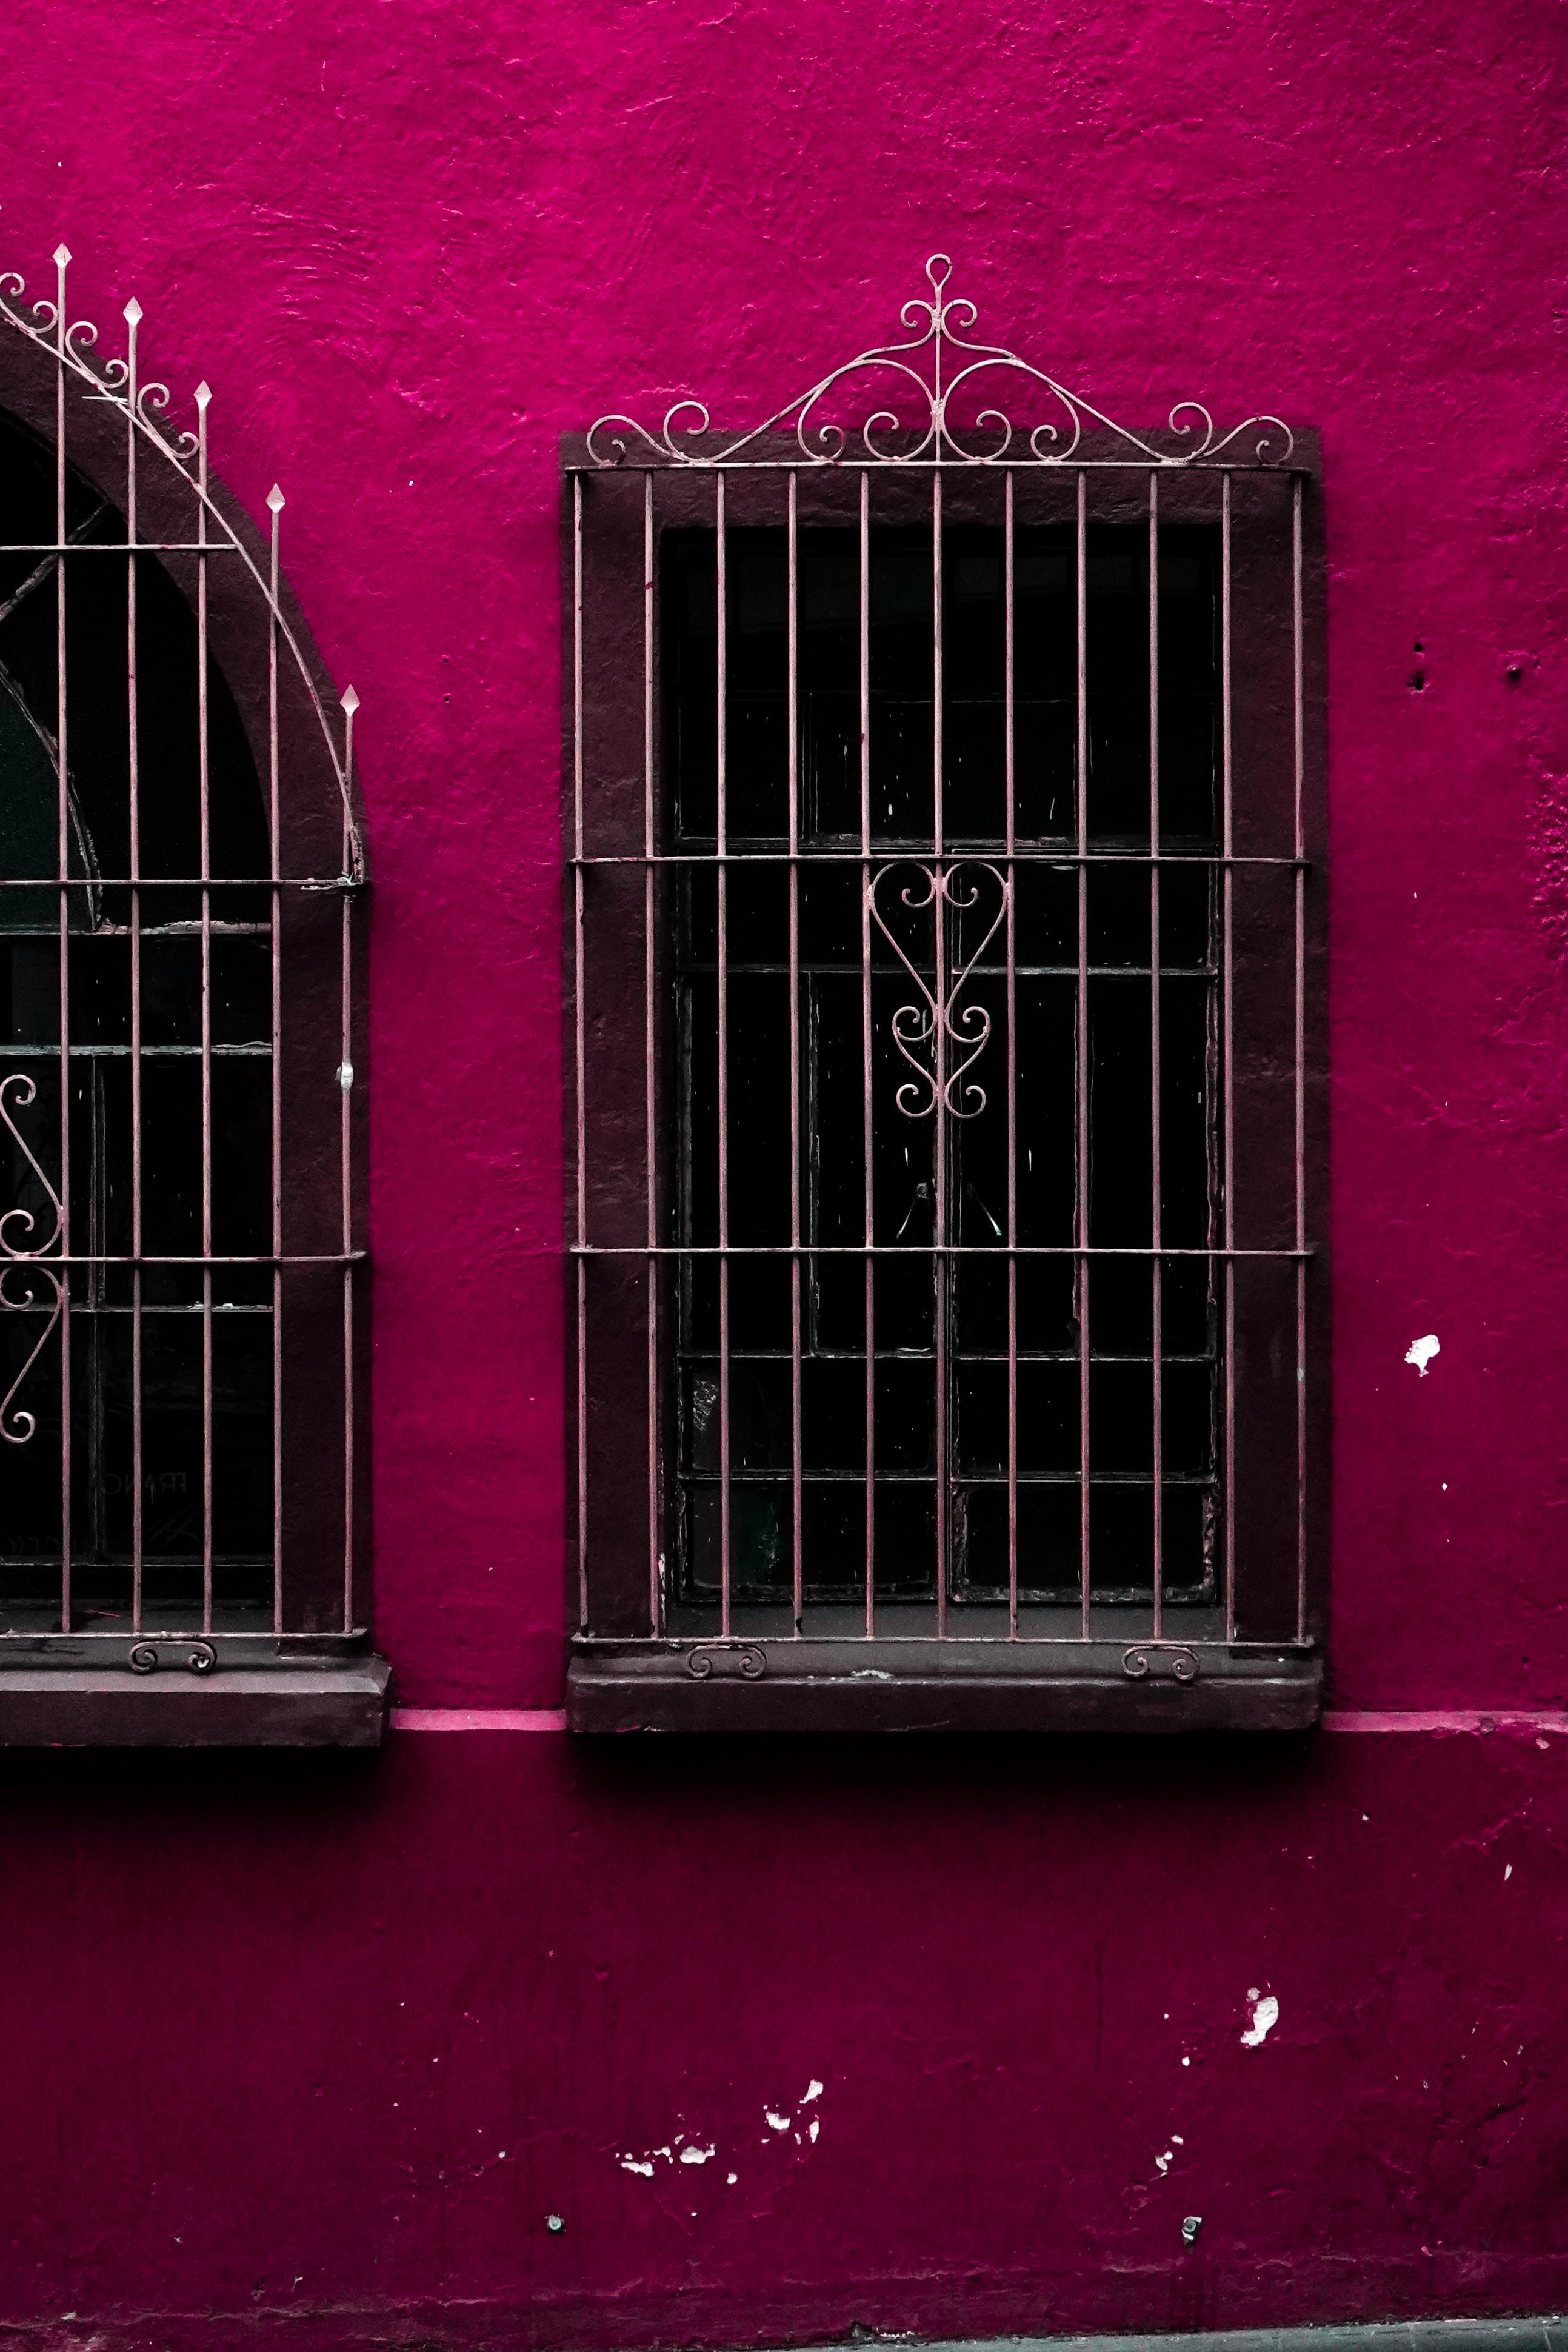 colorful antique street details